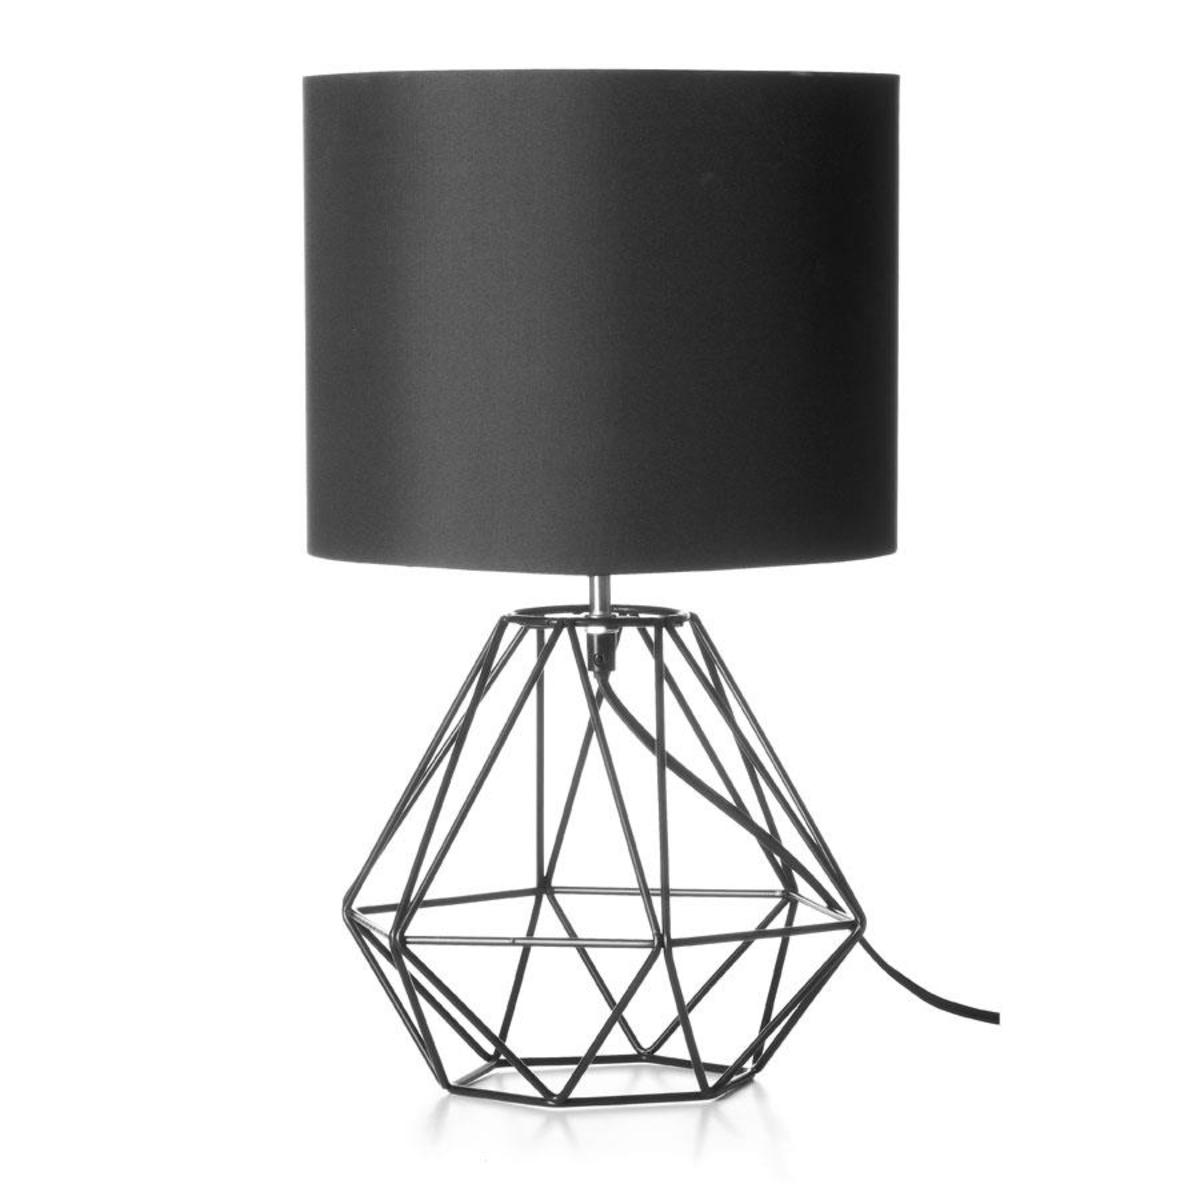 Black Lamp black geometric table lamp | kmart